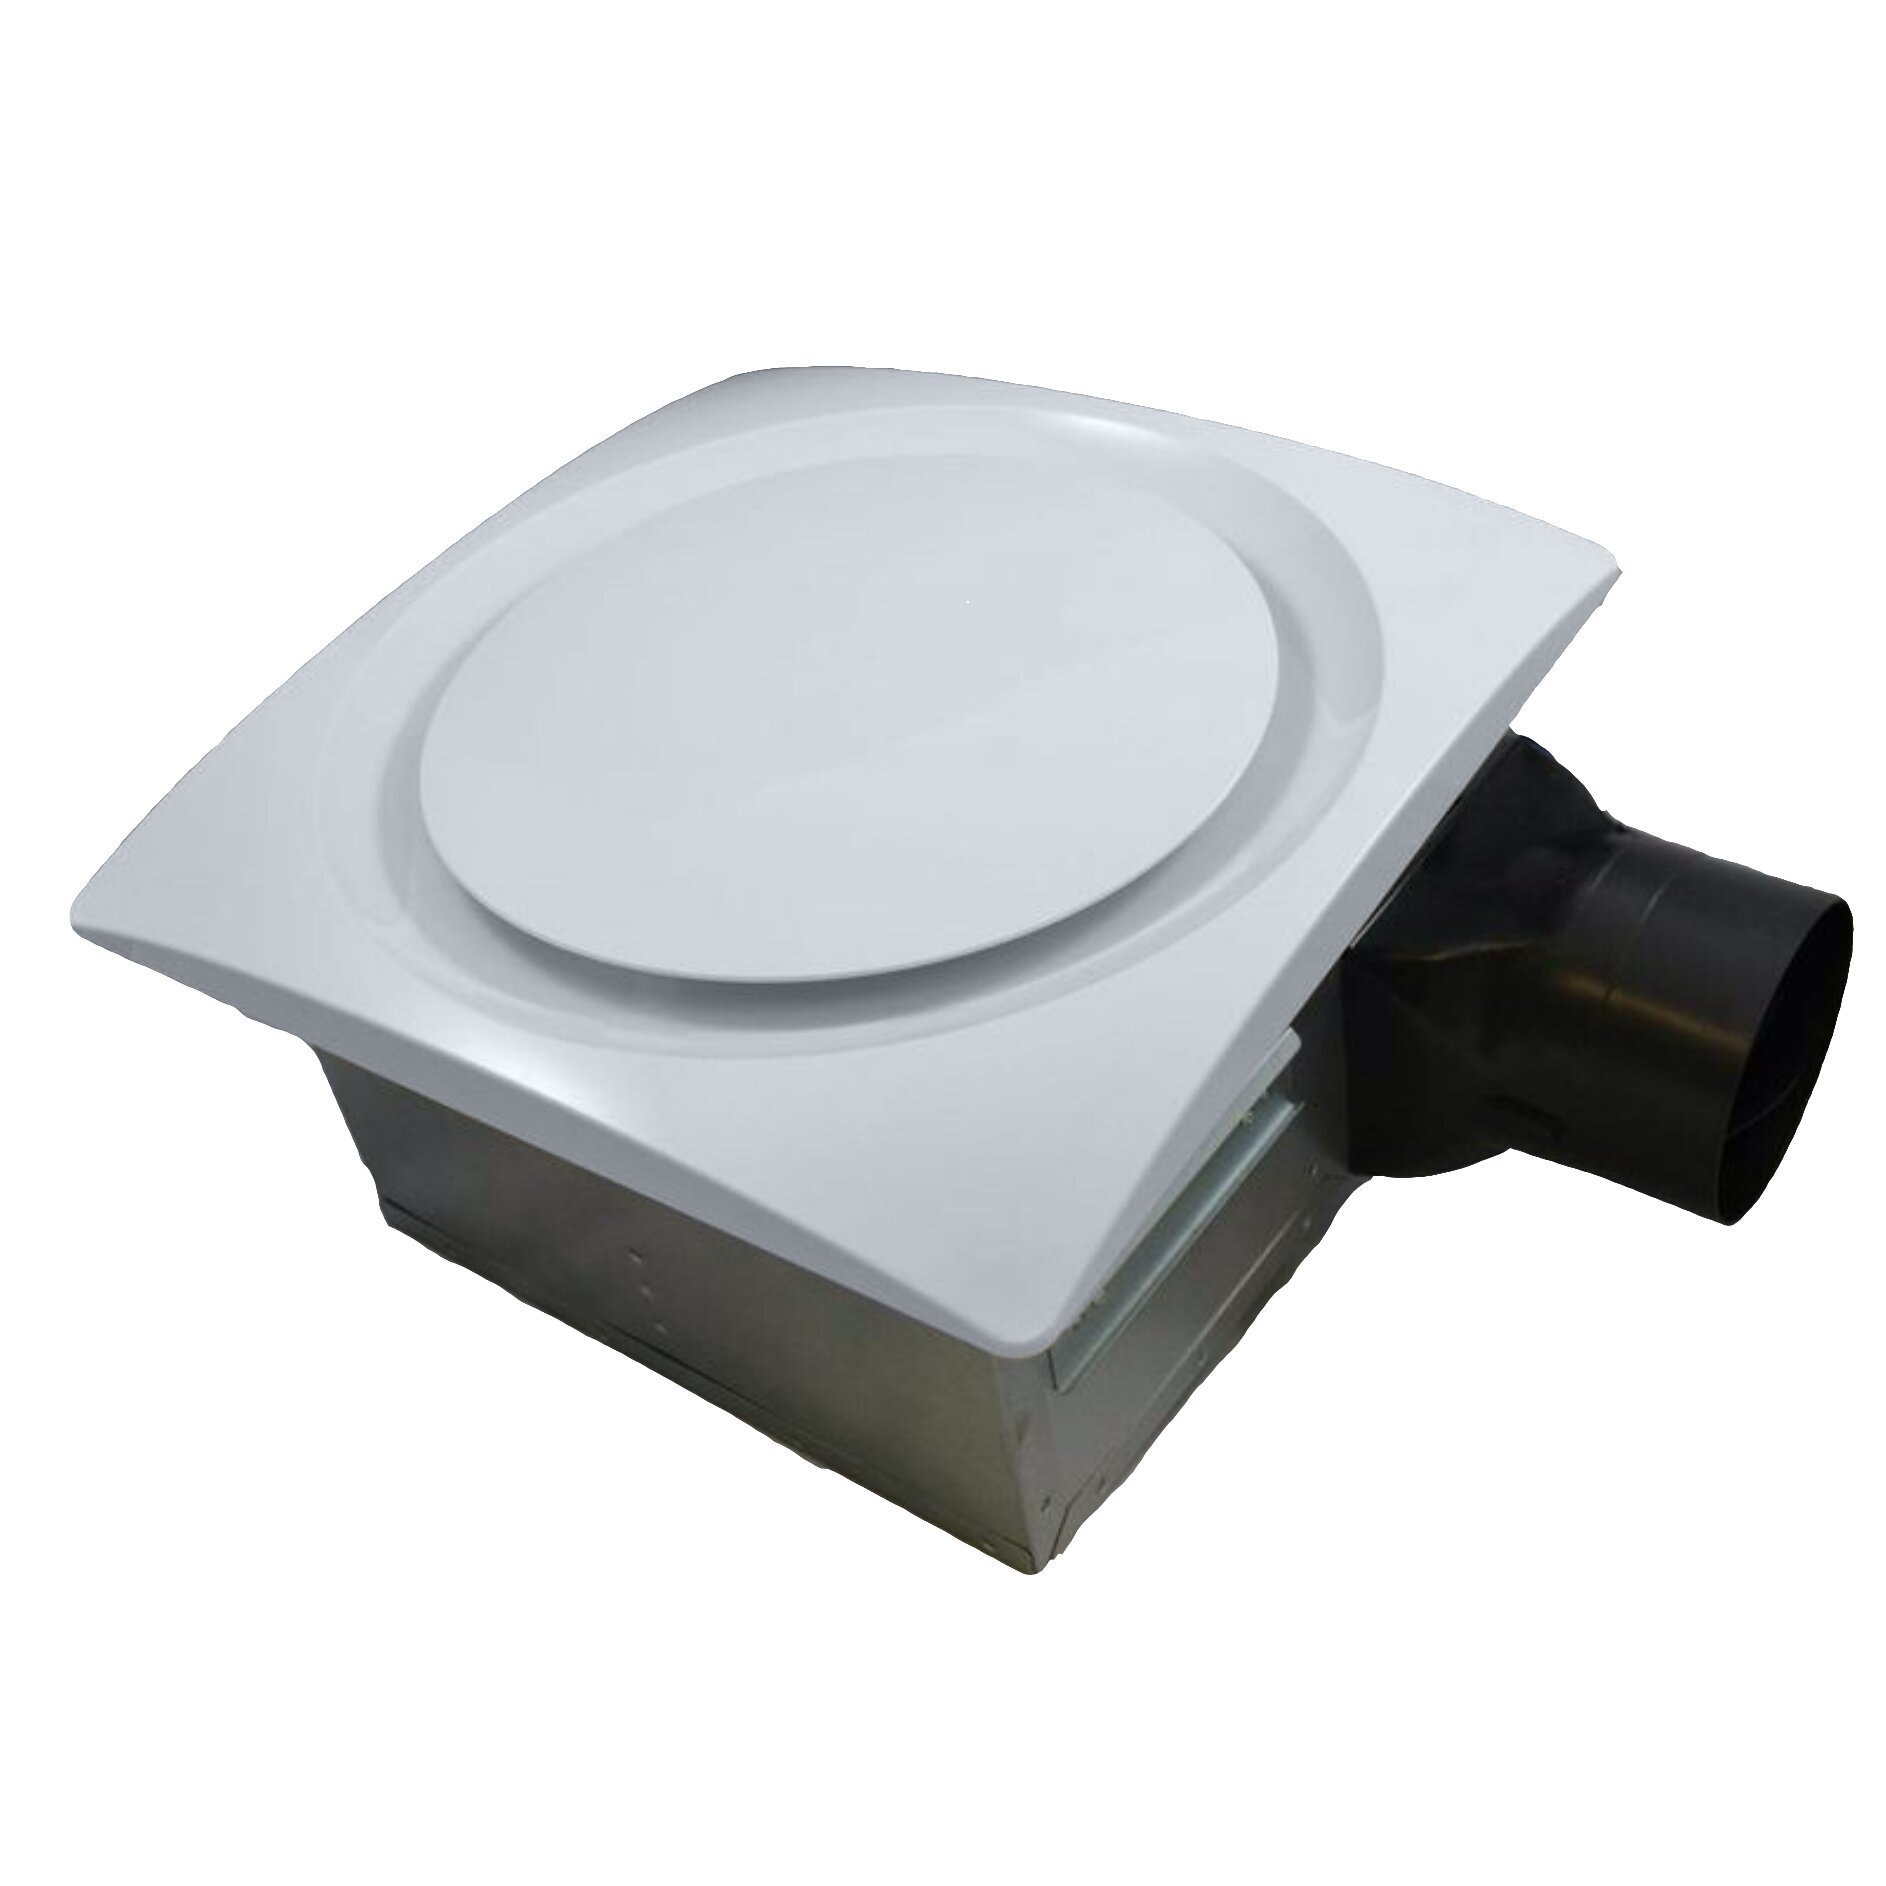 Aero pure slimfit 90 cfm energy star bathroom fan for 90 cfm bathroom fan